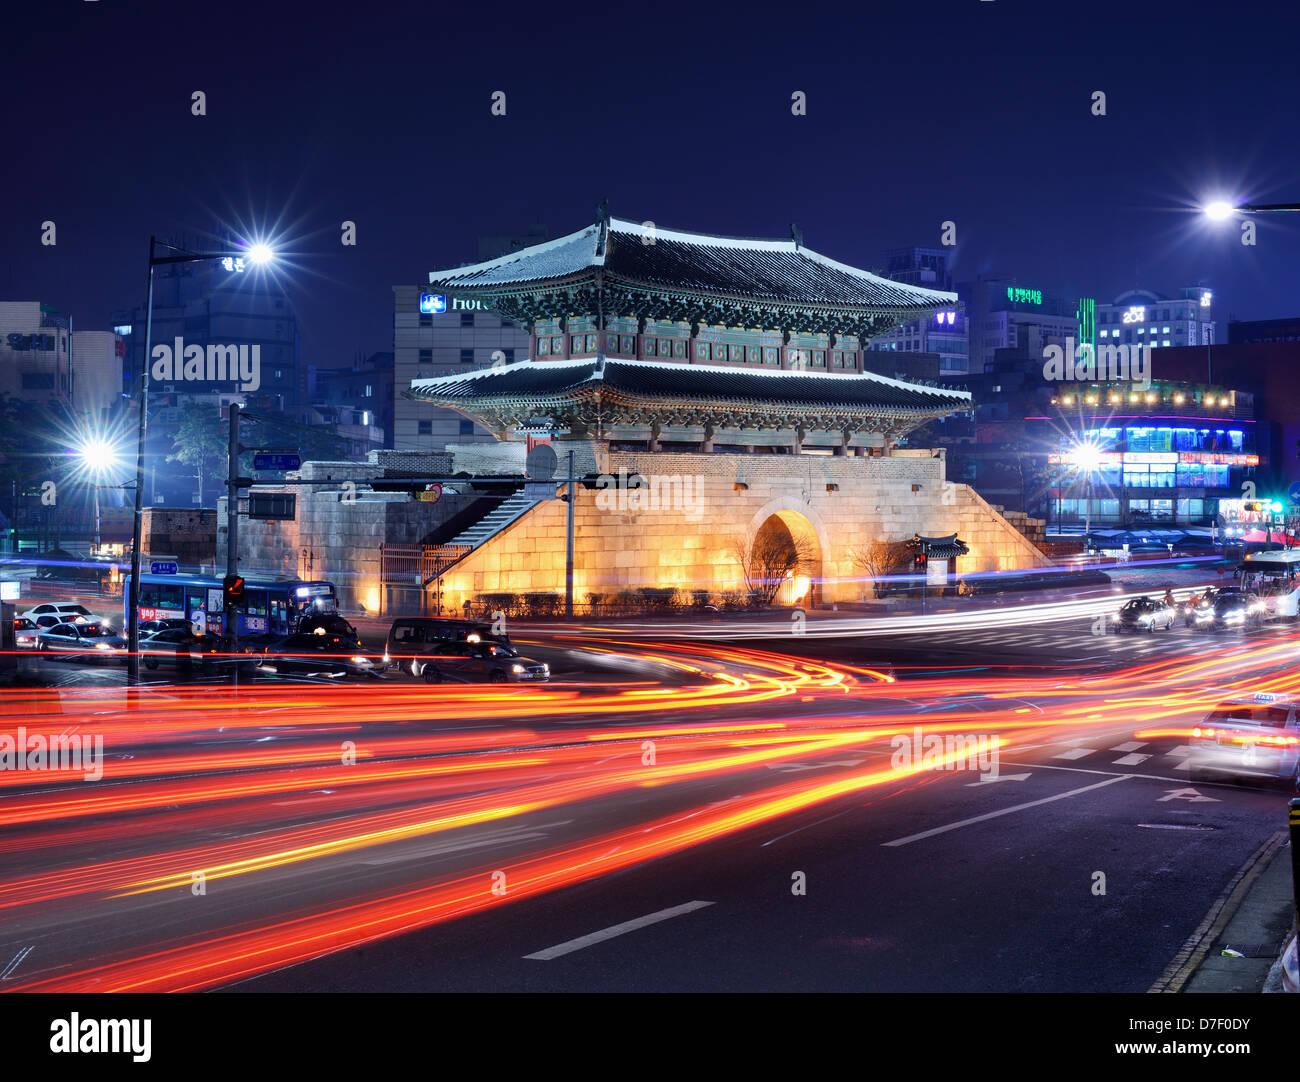 Puerta de Dongdaemun y paisaje urbano de Seúl, Corea del Sur. Imagen De Stock